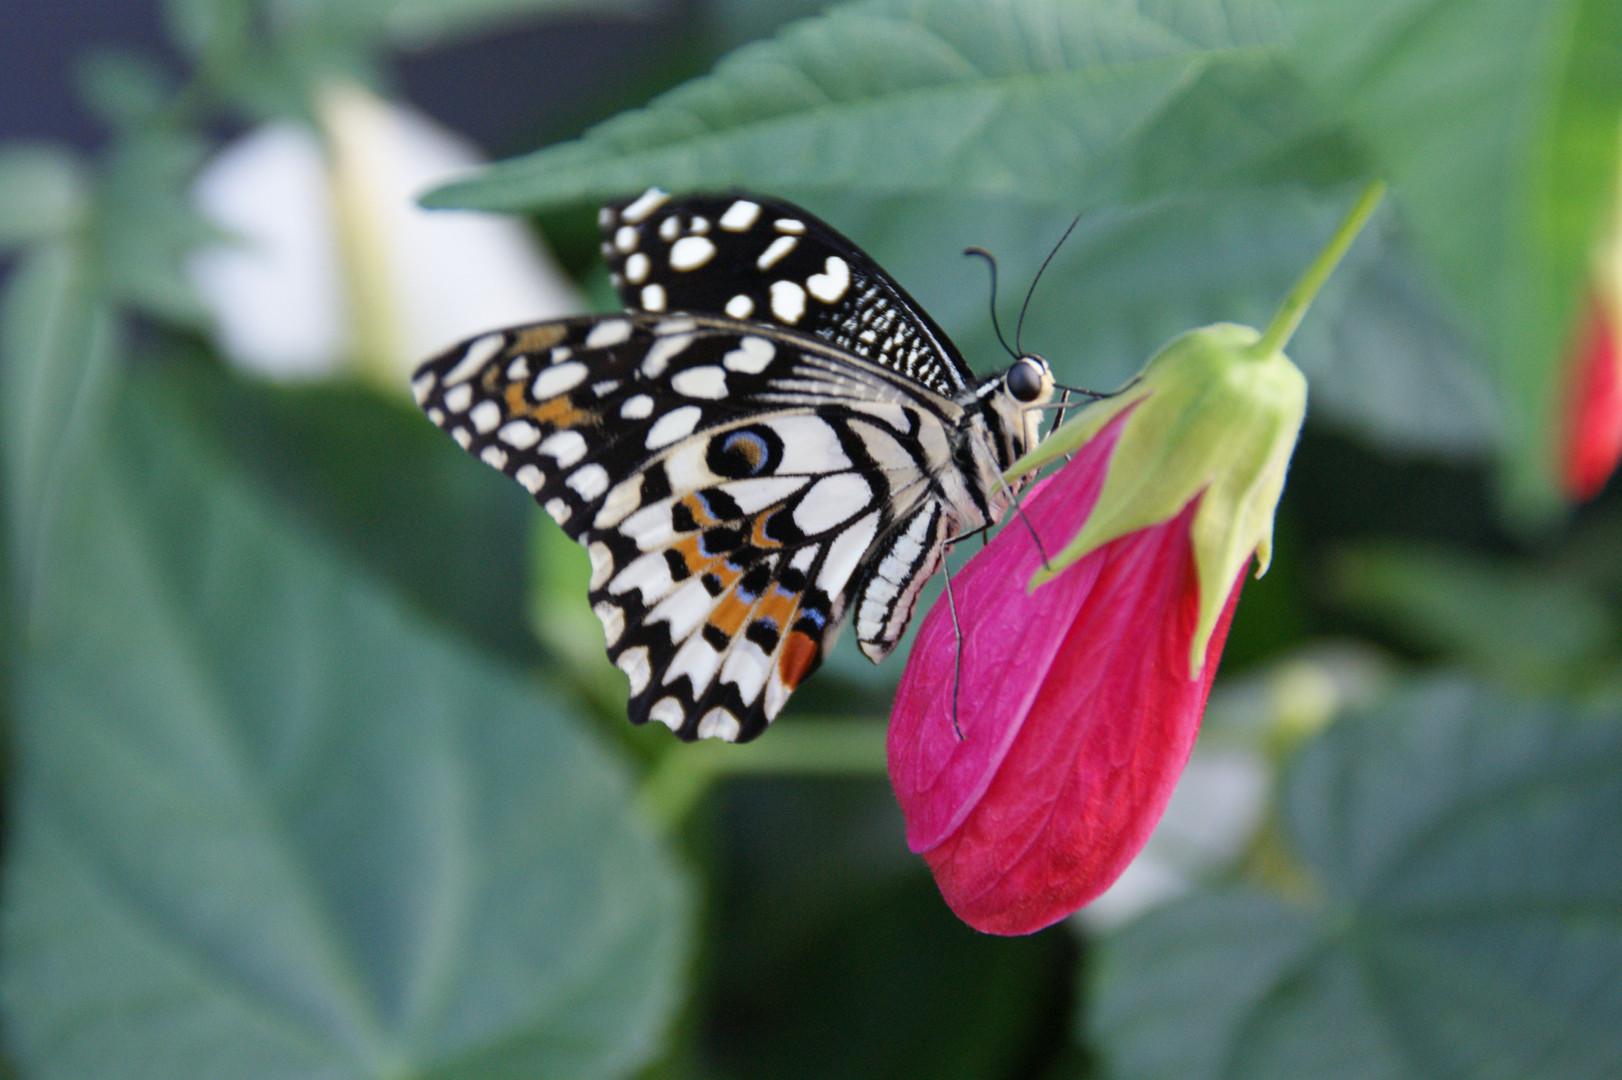 Papilio Demoleus in Vlindertuin Vlindorado in Waarland (Tussen Alkmaar en Schagen in Noord-Holland)